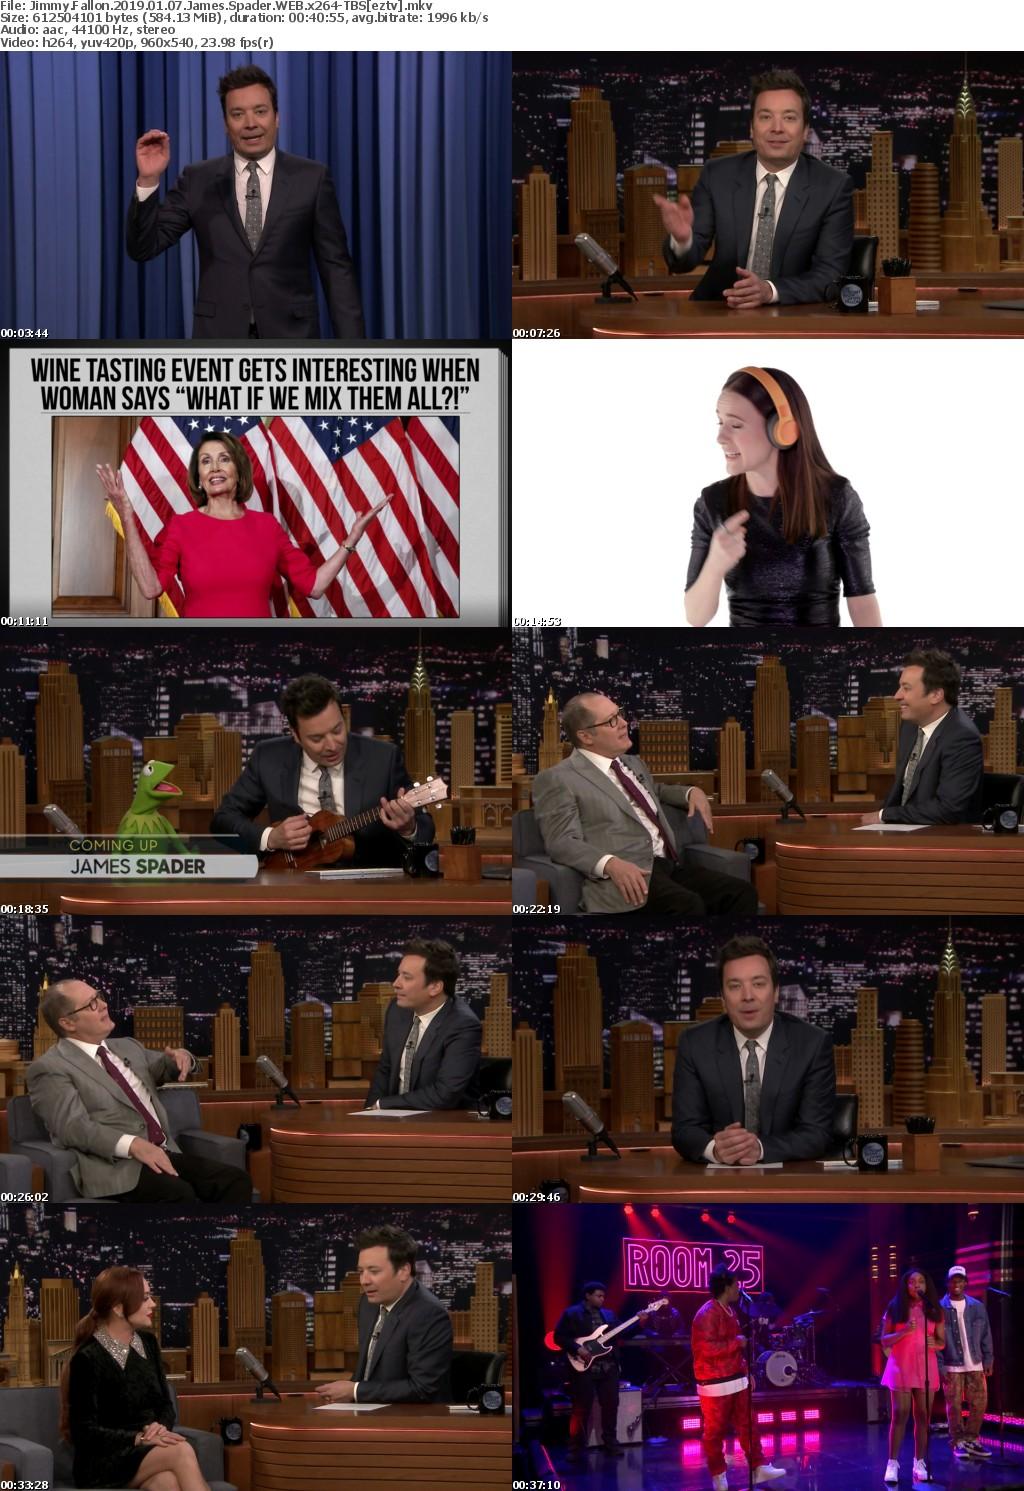 Jimmy Fallon (2019) 01 07 James Spader WEB x264-TBS